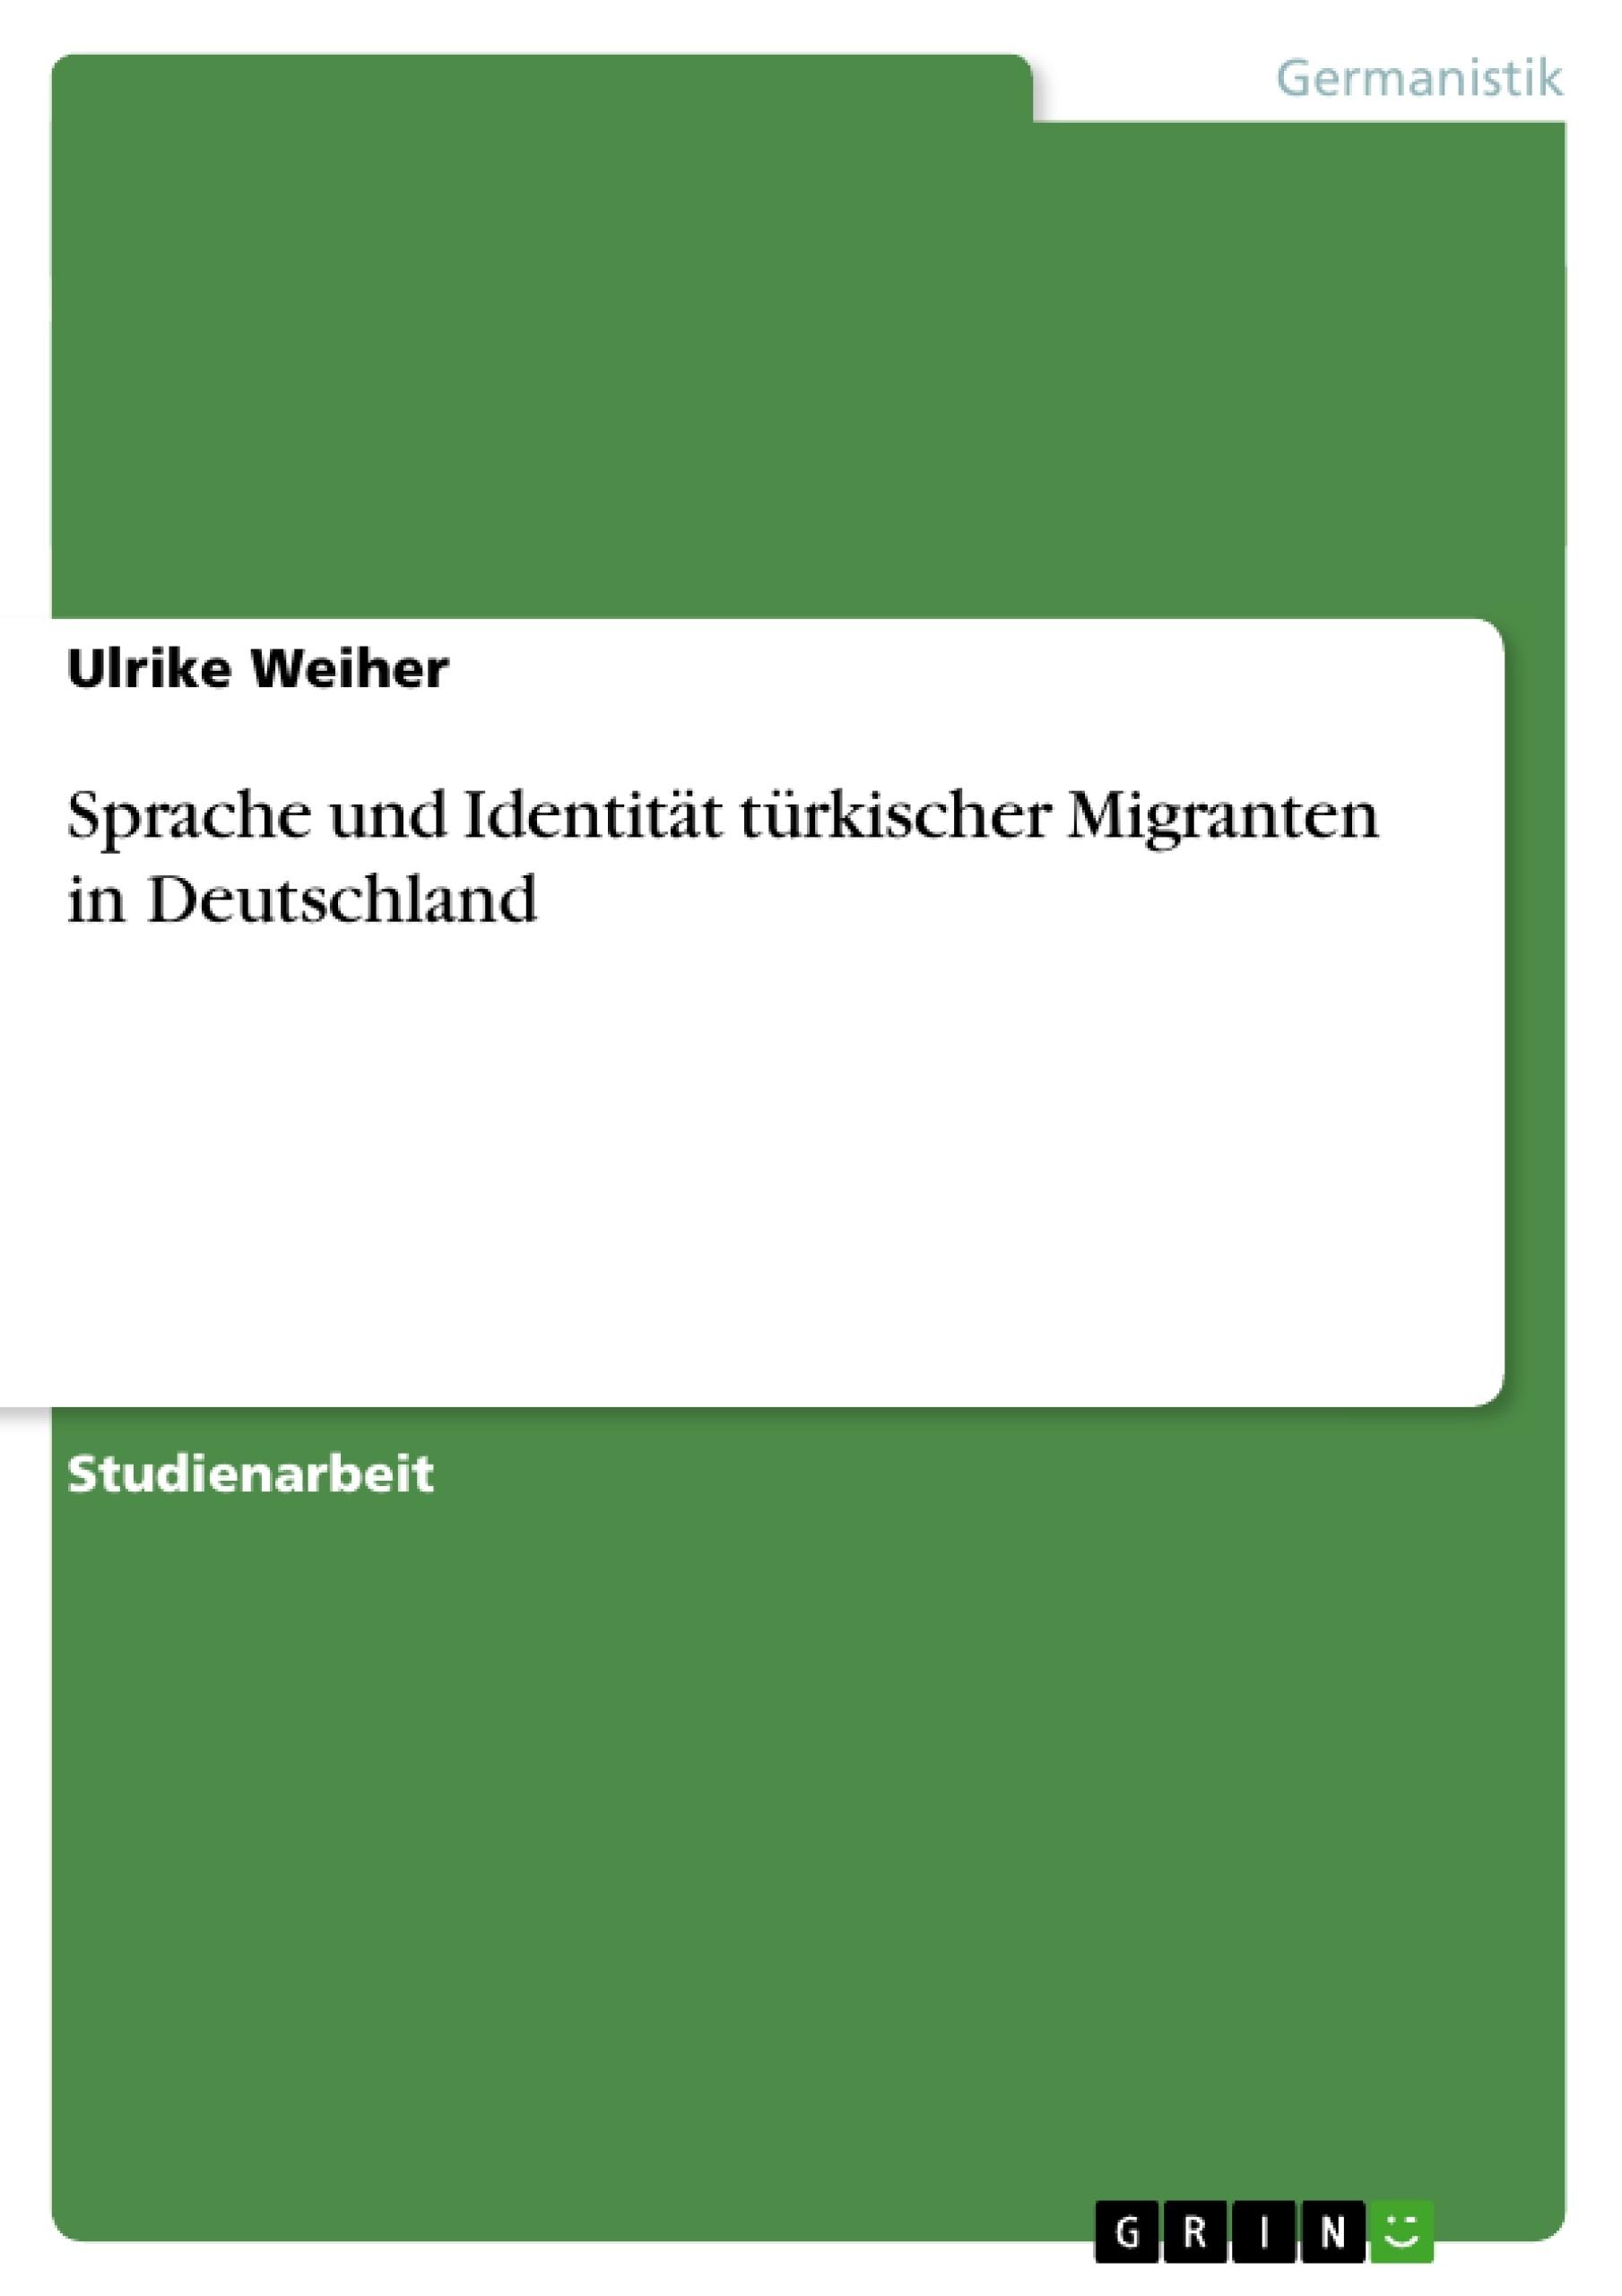 Titel: Sprache und Identität türkischer Migranten in Deutschland